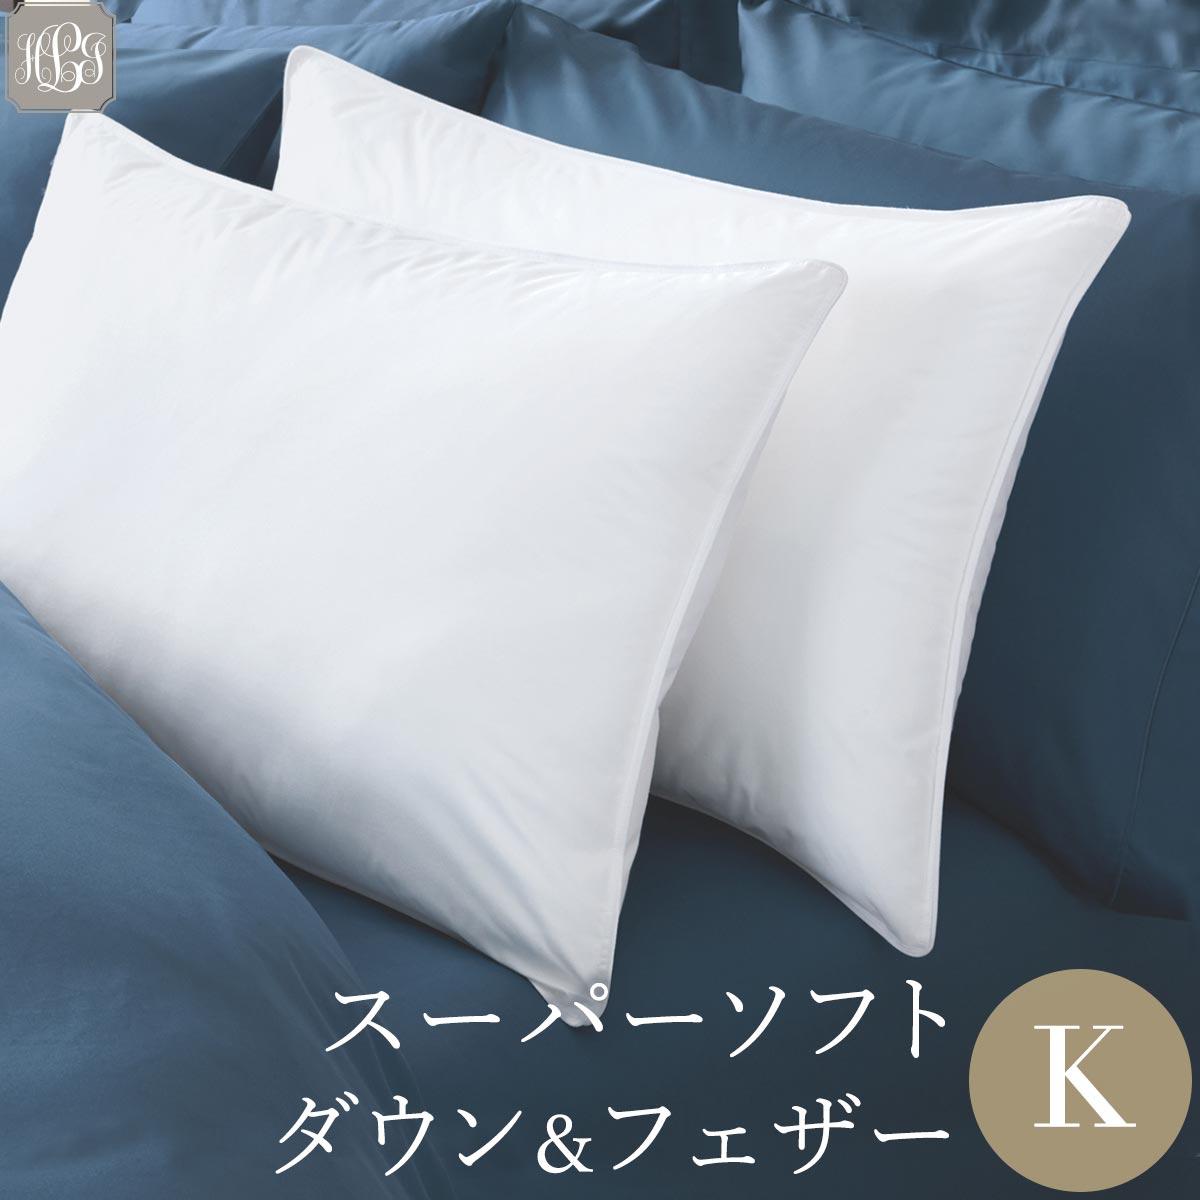 羽毛枕 ダウン50% キング 50cmx91cm スーパーソフト 高級ホテル 低め 綿100% 送料無料